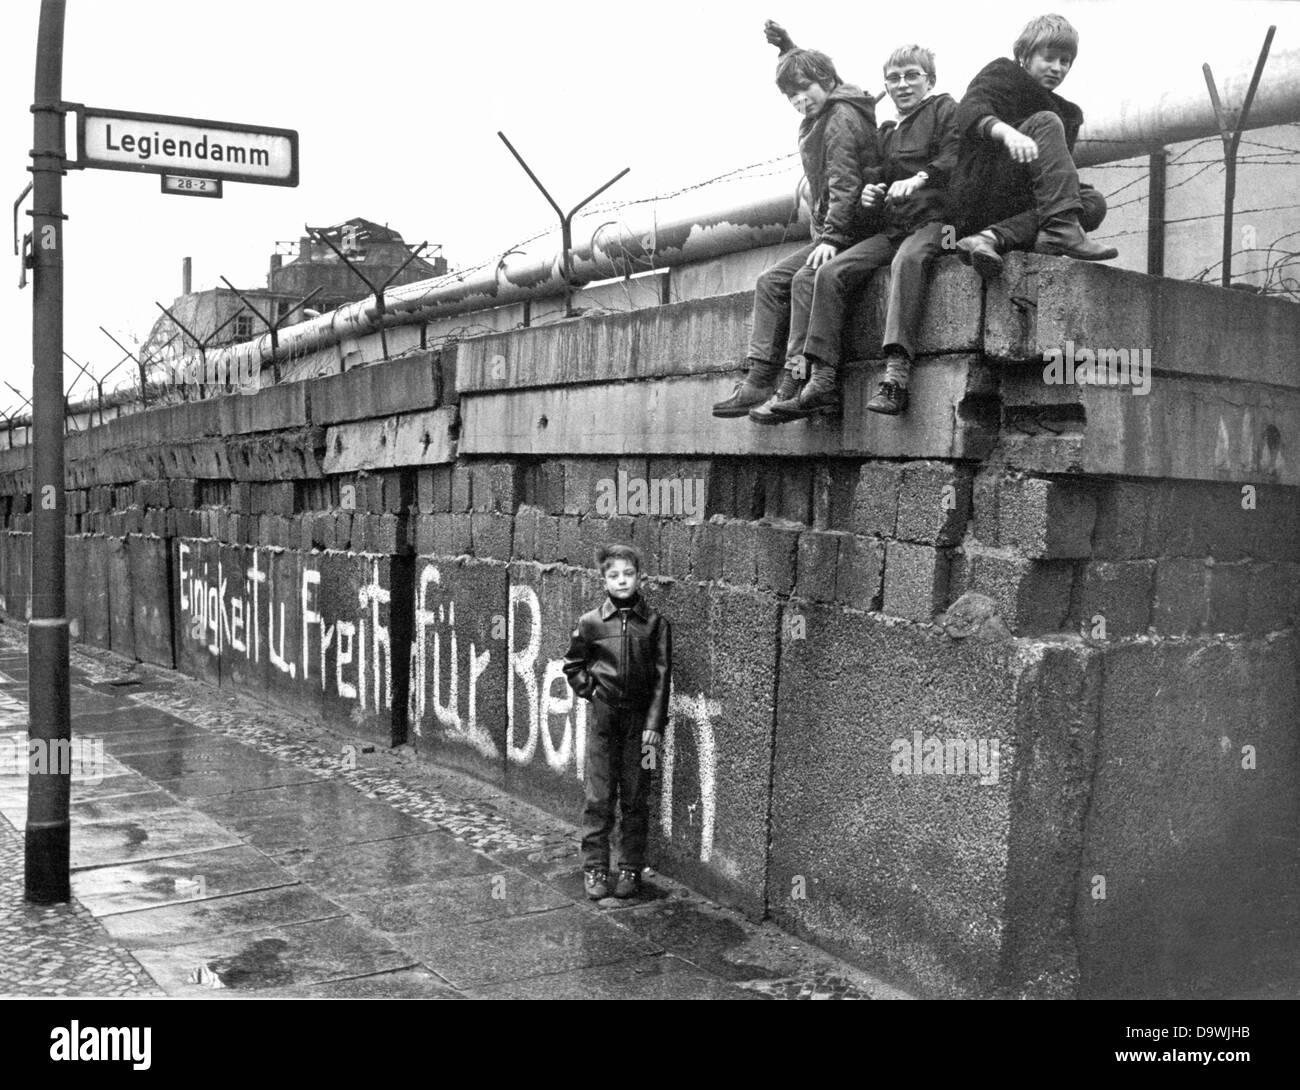 Un groupe d'enfants se trouve sur le mur de Berlin à l'Legiendamm' dans le quartier Kreuzberg de Photo Stock